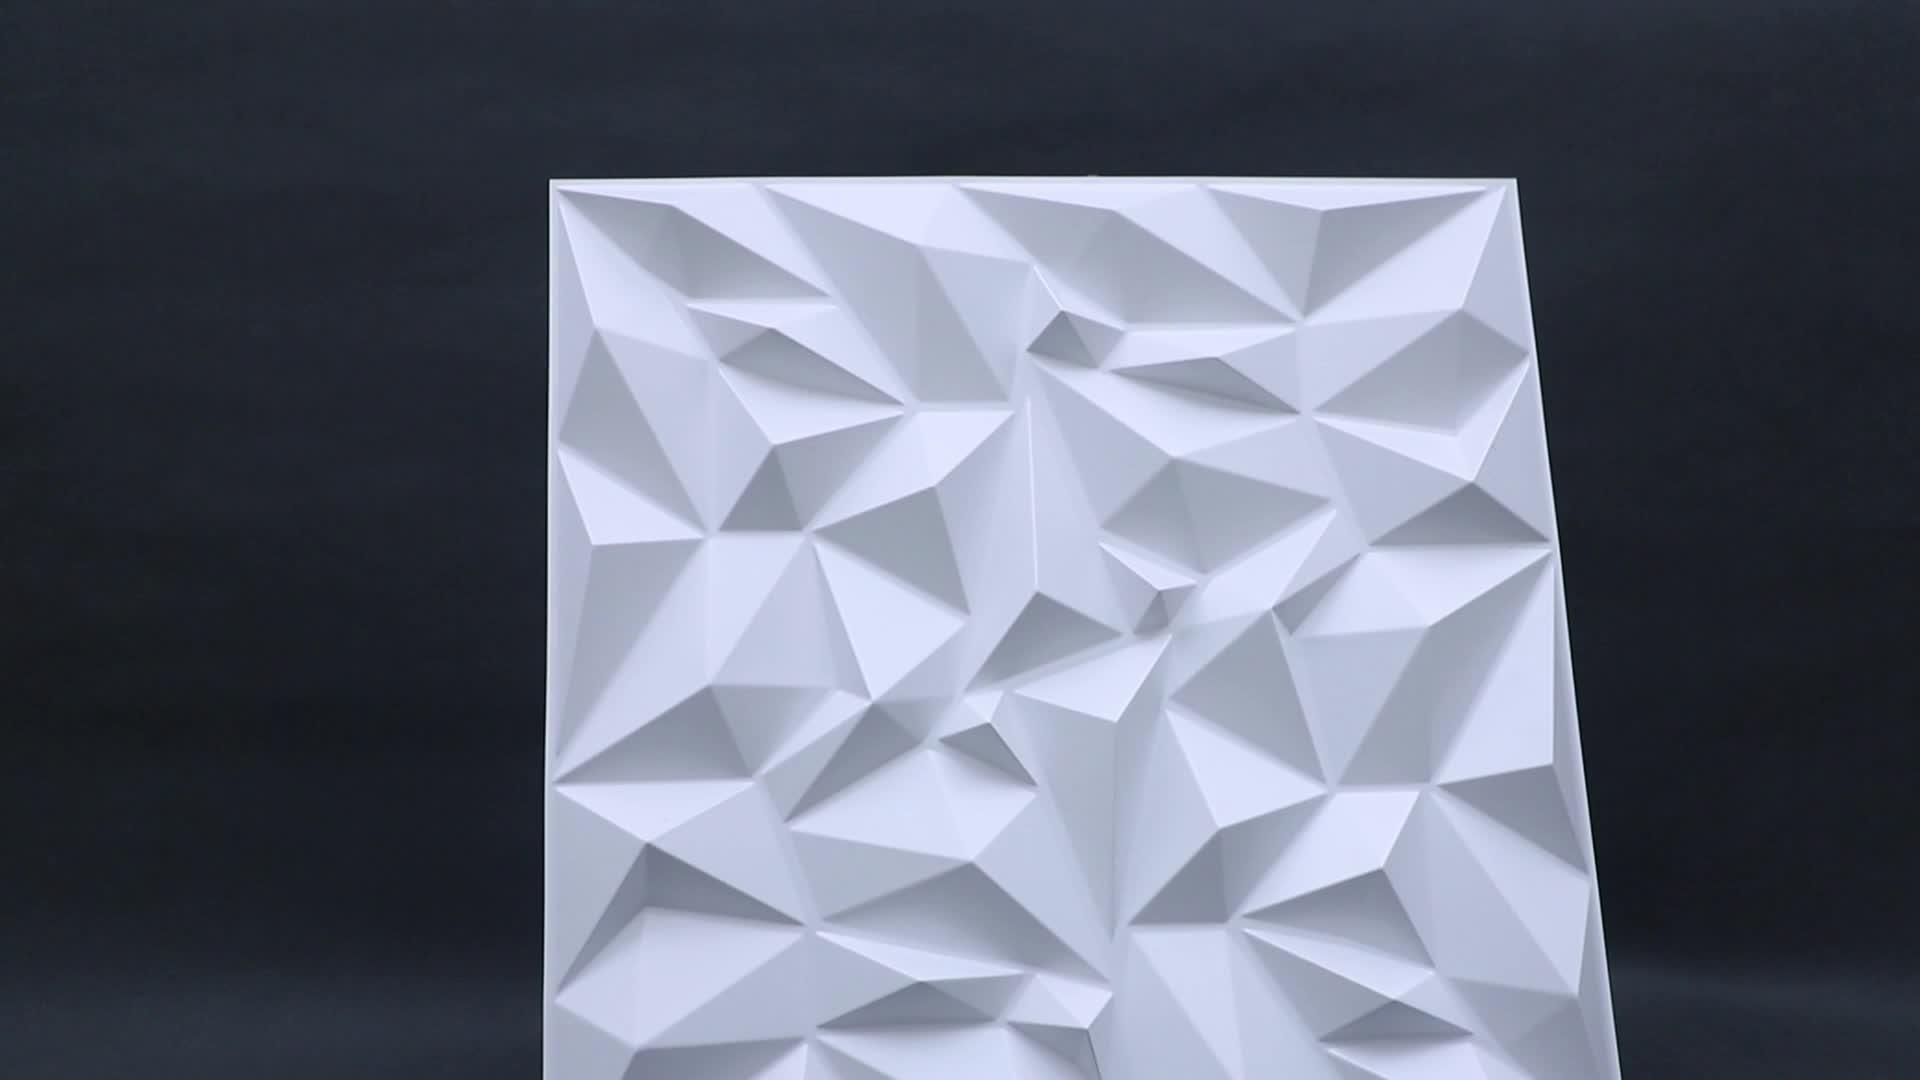 Casa carta da parati carta da parati 3d di plastica pannelli di parete per la decorazione domestica camera da letto